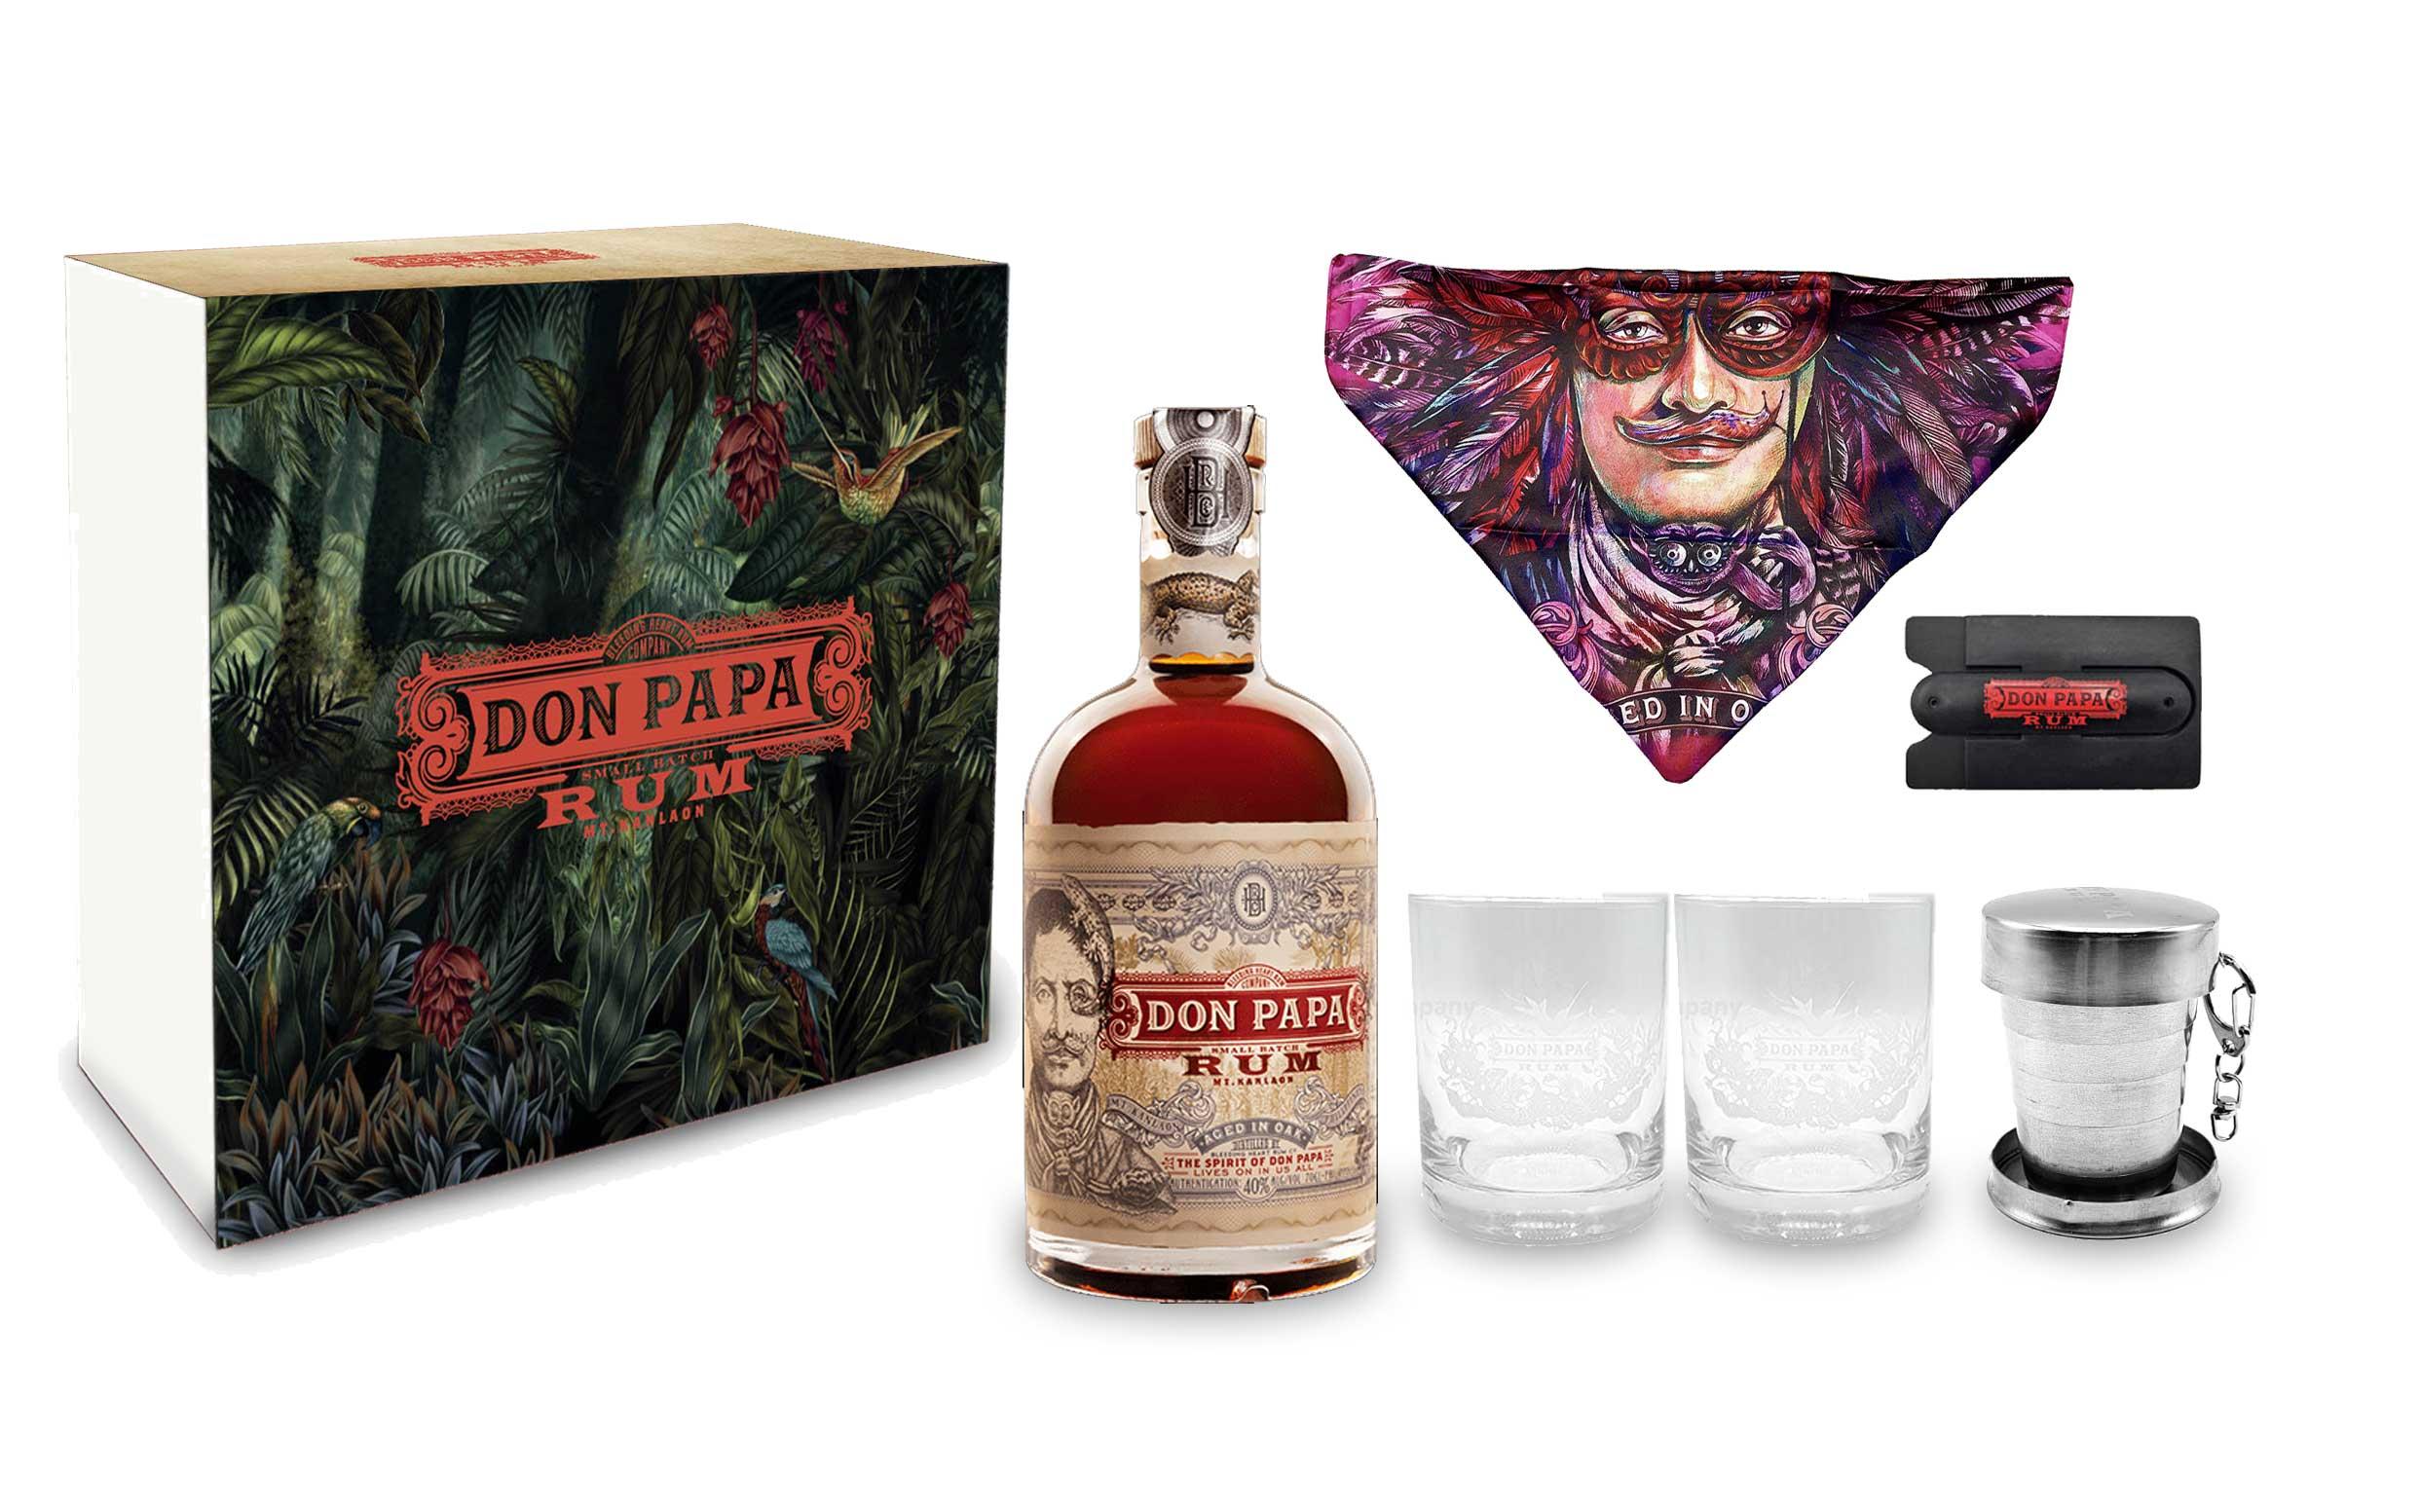 Don Papa Schuber Geschenkset Rum 0,7l (40% Vol) + 2 Tumbler Gläser + Halstuch + einklappbarem Jigger Anhänger + Handy Karten Halterung zum aufkleben - [Enthält Sulfite]